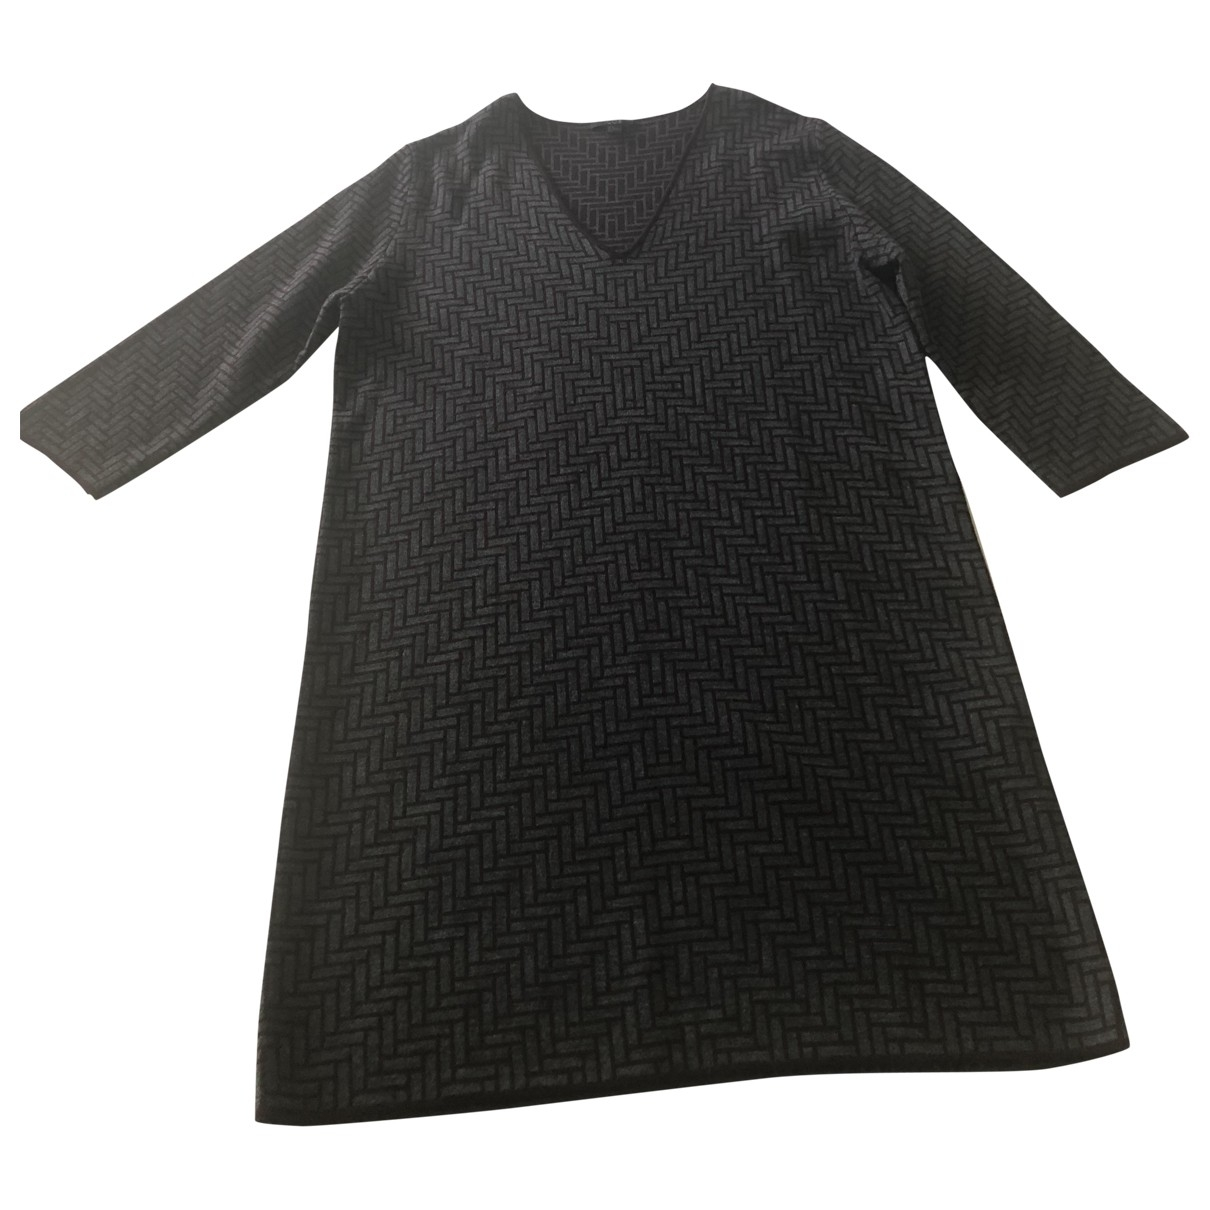 Cos - Robe   pour femme en laine - multicolore